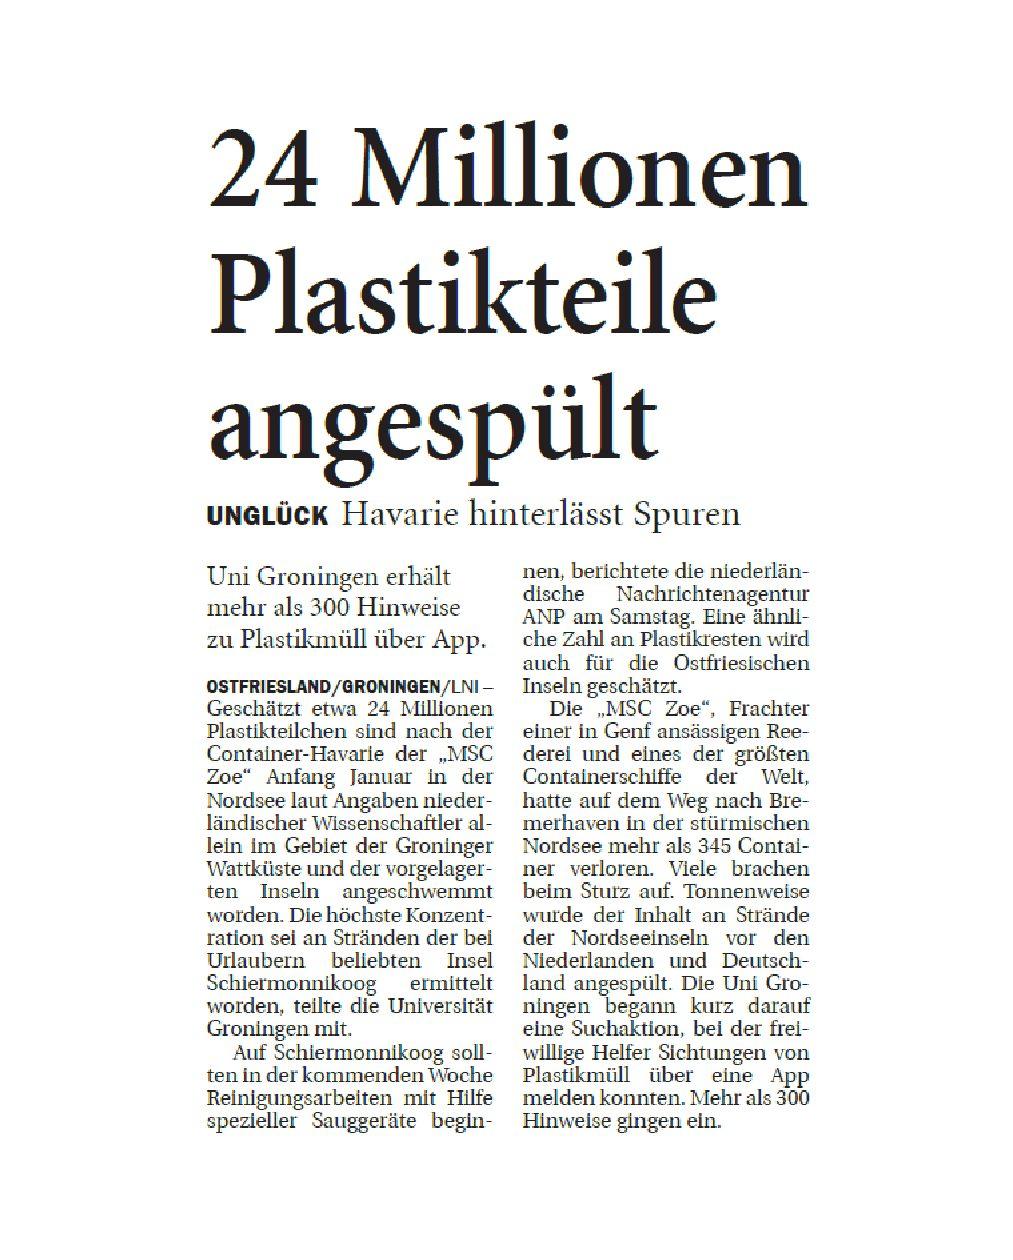 Jeversches Wochenblatt 11.03.2019